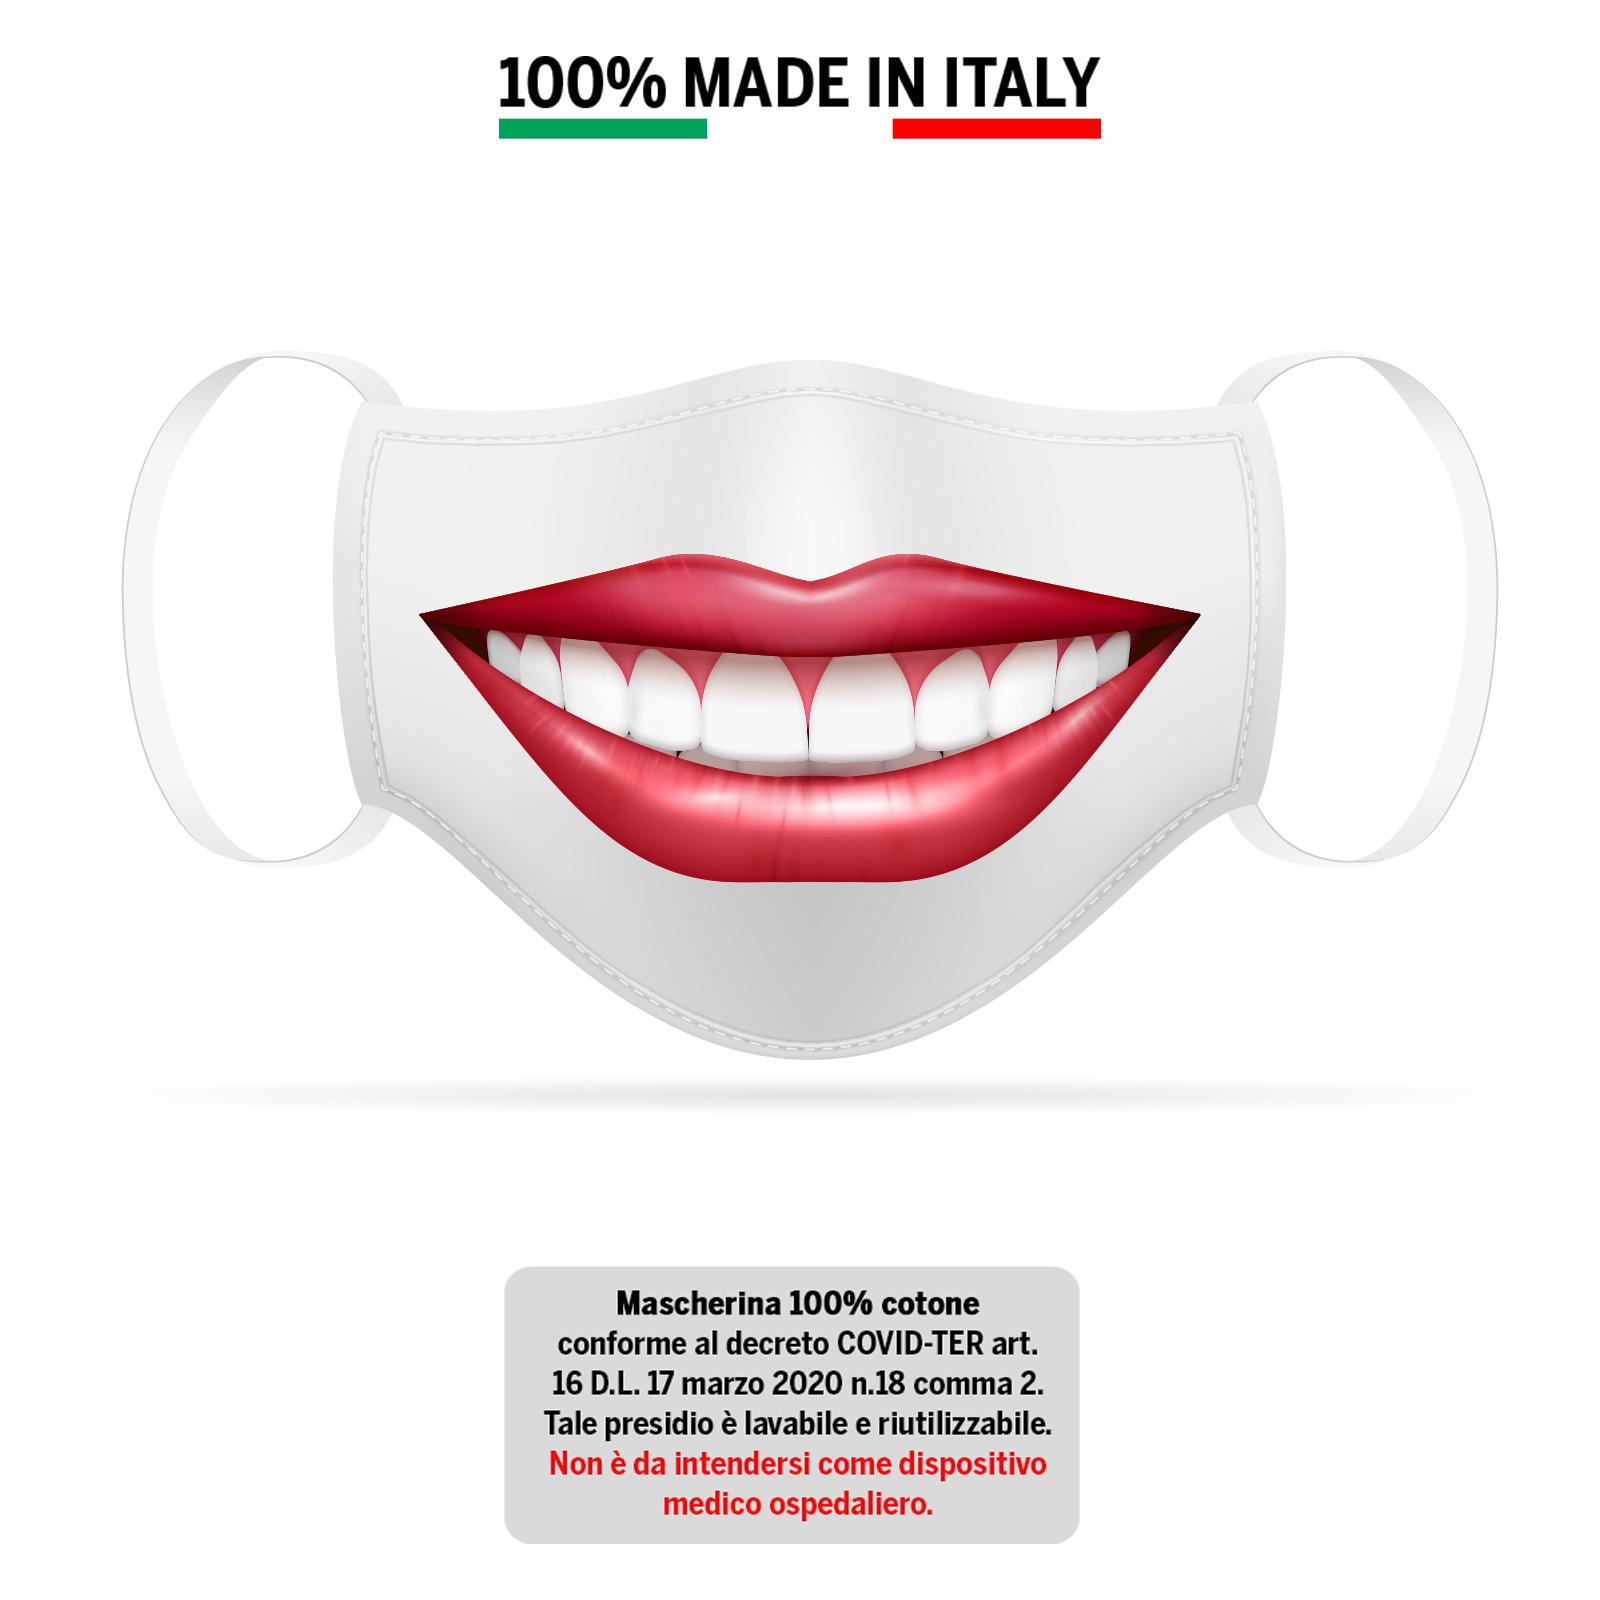 Mascherina bianca Sorriso 1